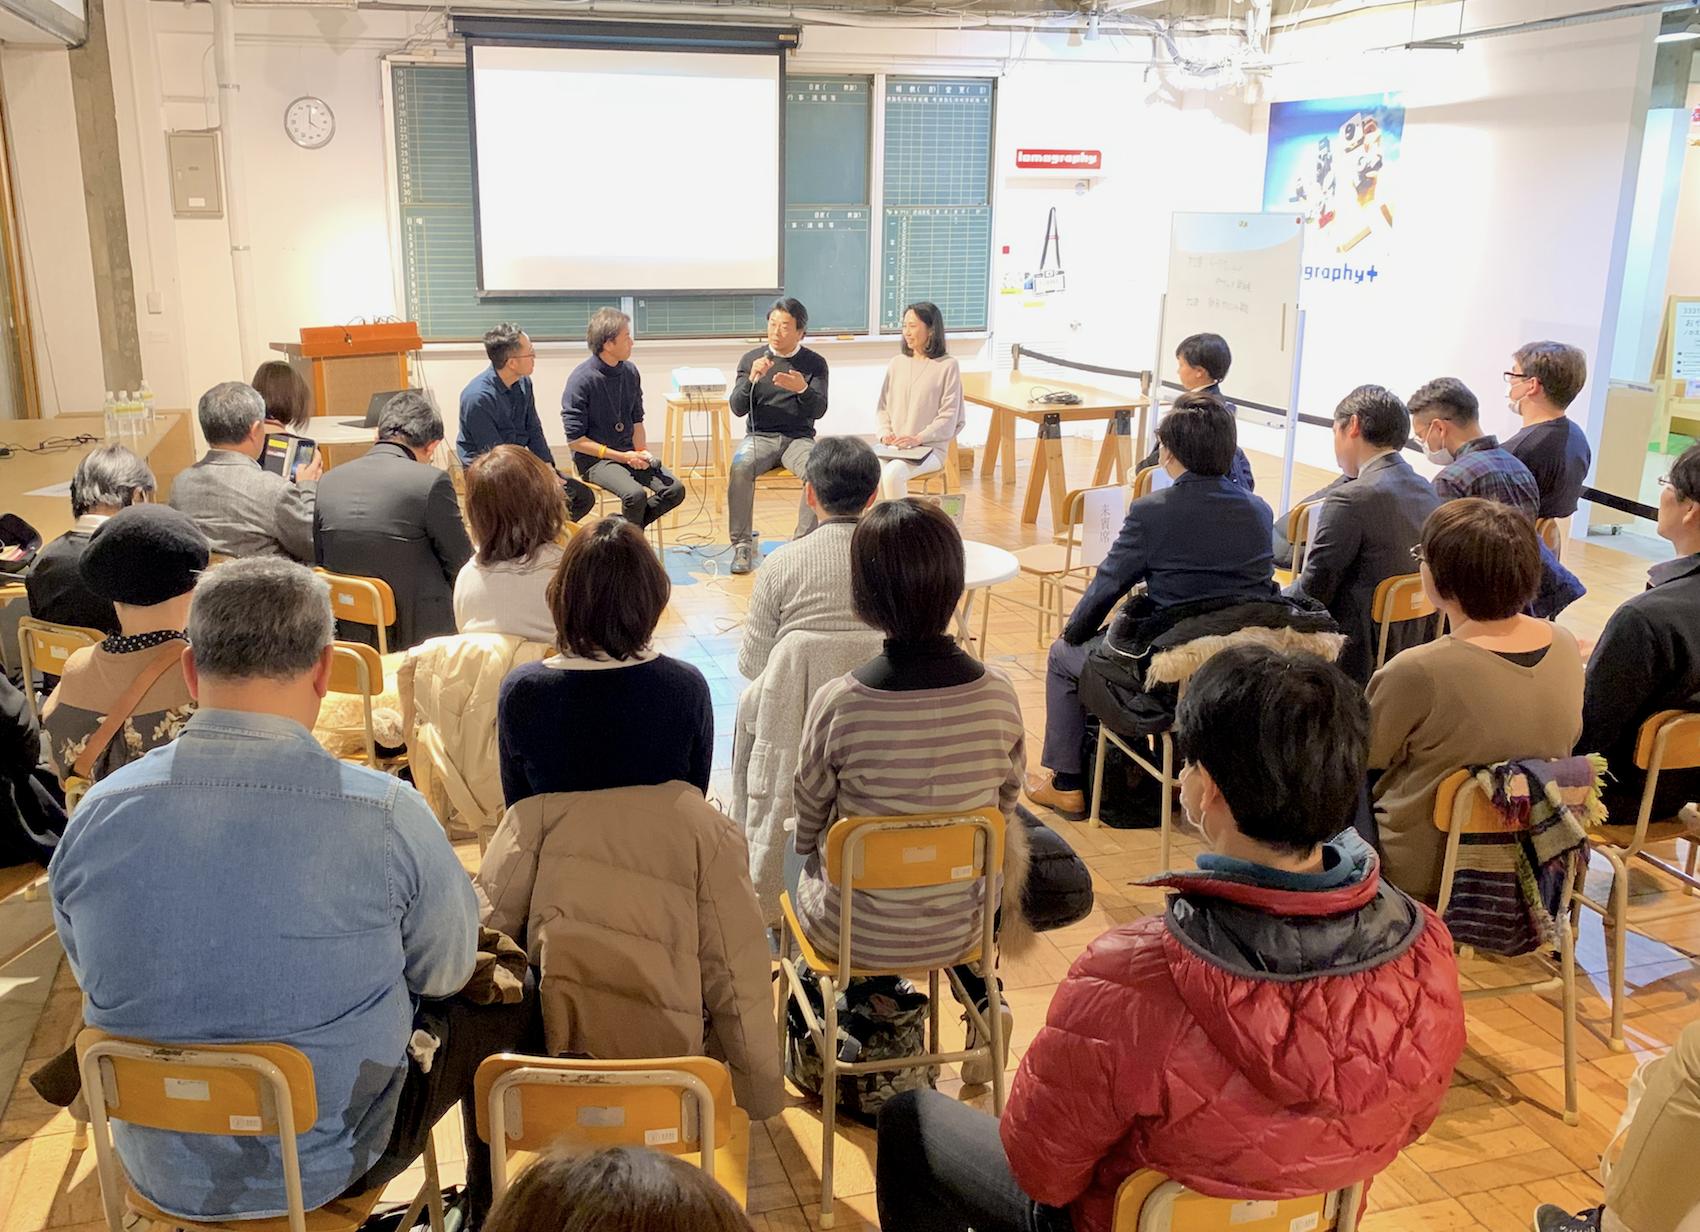 トークセッション 財布プロジェクト報告会 開催レポート